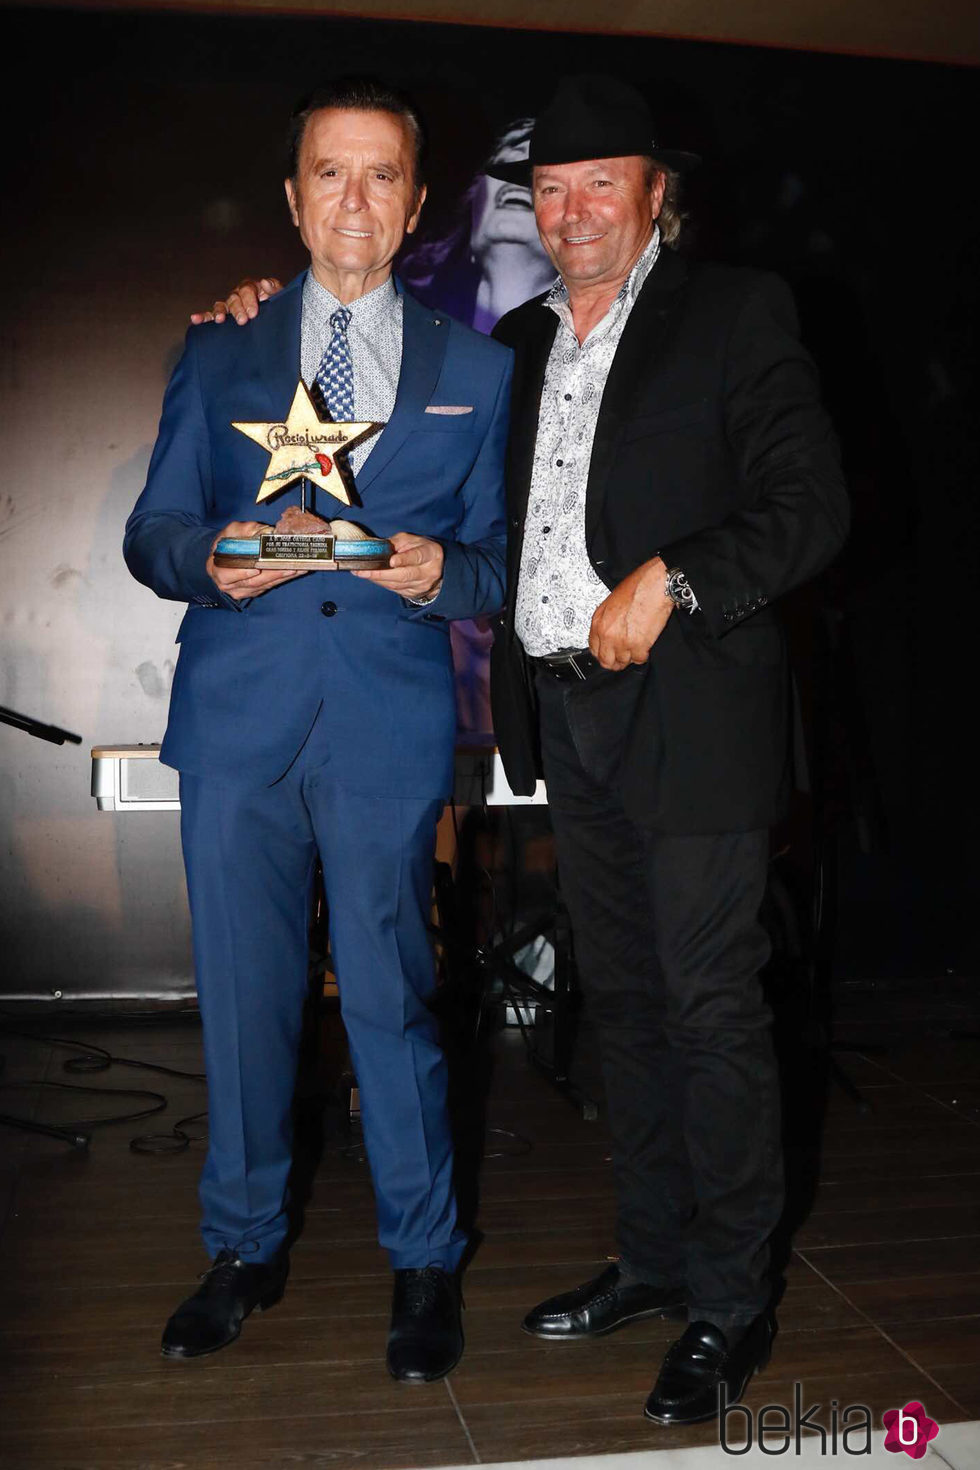 Amador Mohedano  y José Ortega Cano en los premios 'Estrella a la más grande' en Chipiona 2016